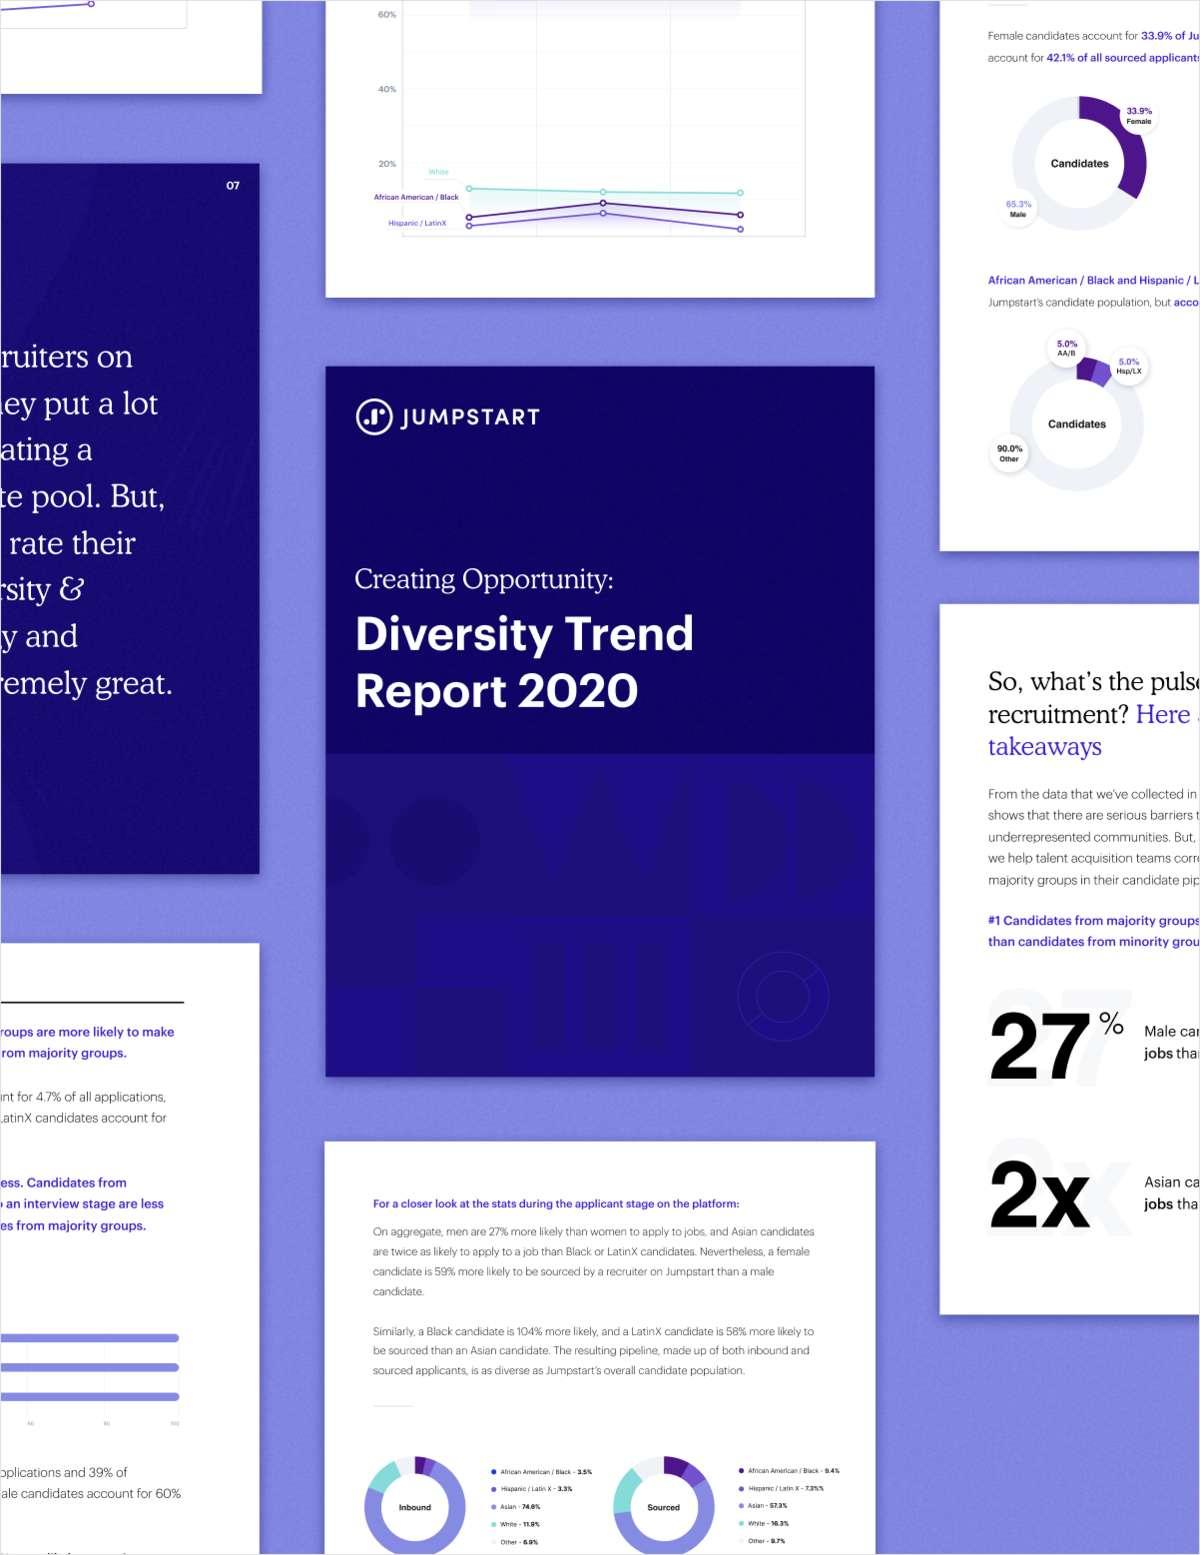 Diversity Trend Report 2020